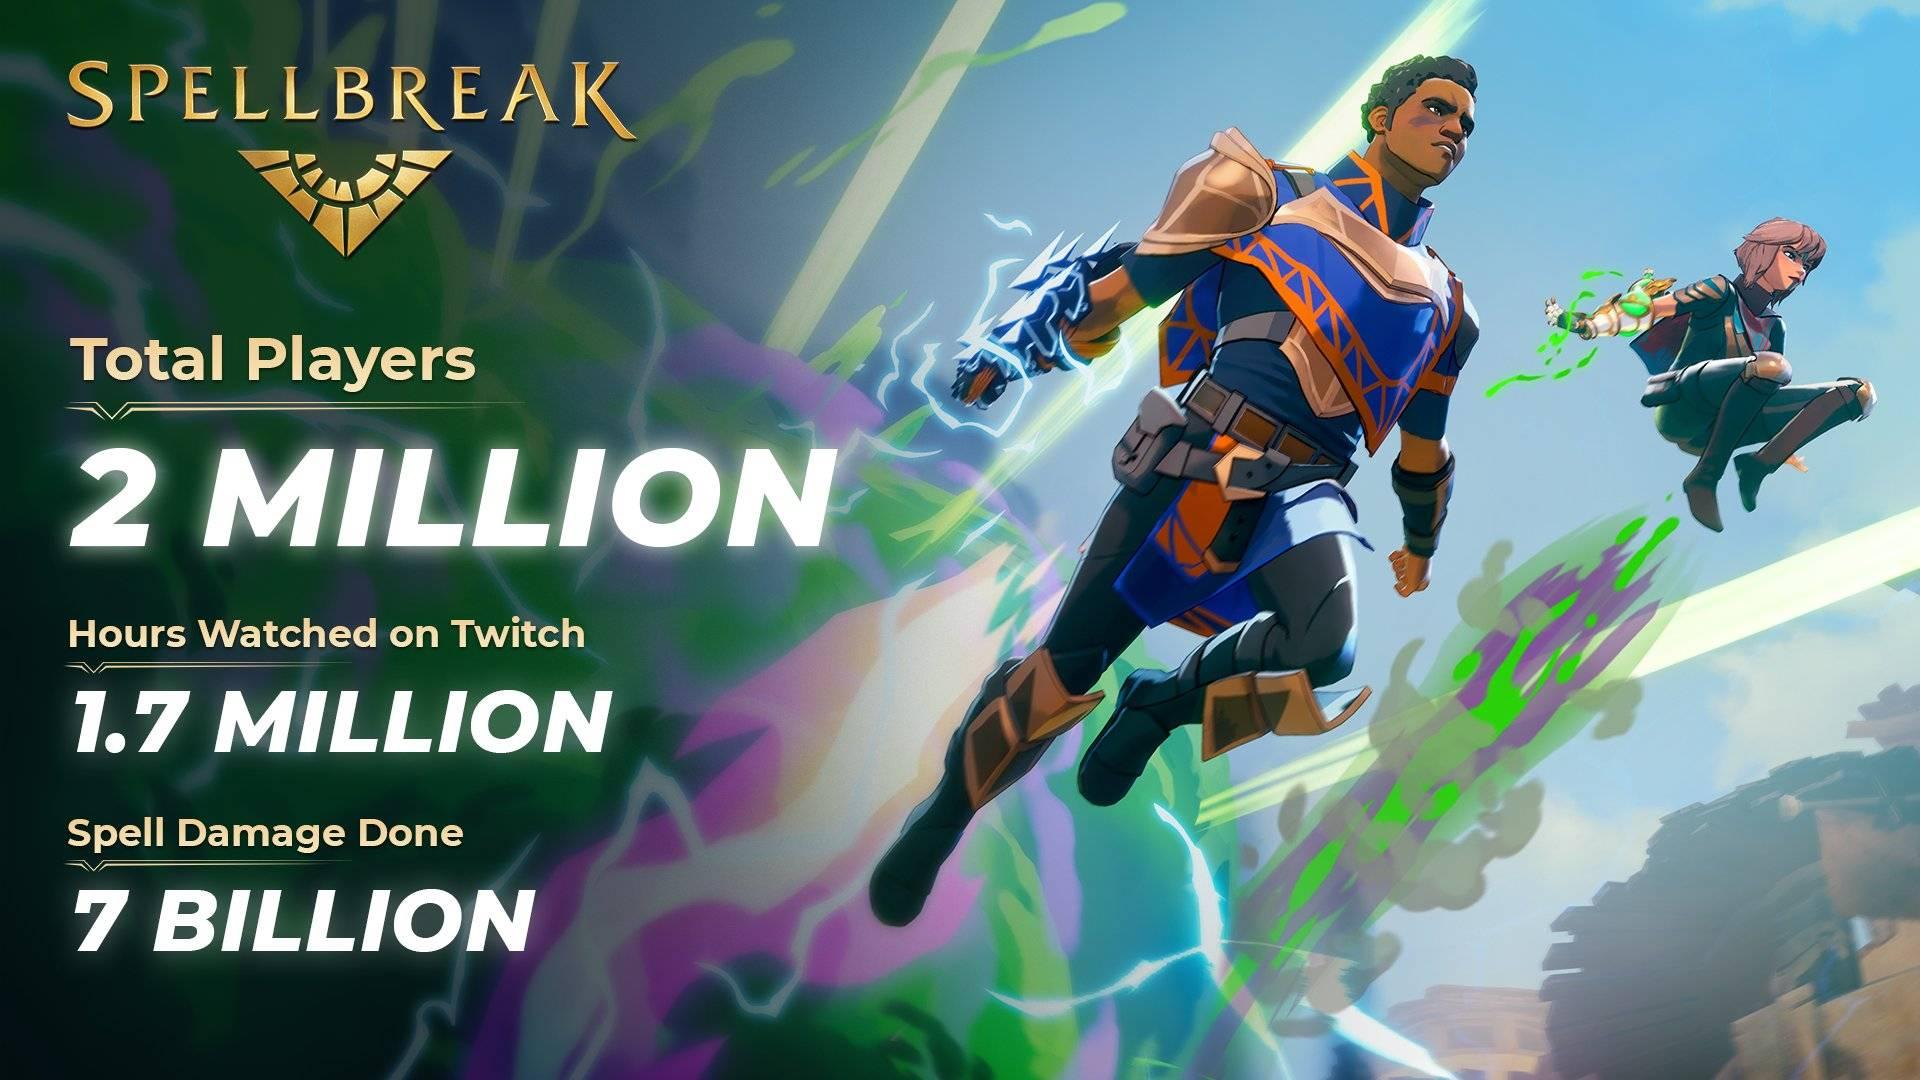 免费魔法吃鸡游戏《咒语破碎》玩家总数达200万 累计造成魔法伤害70亿